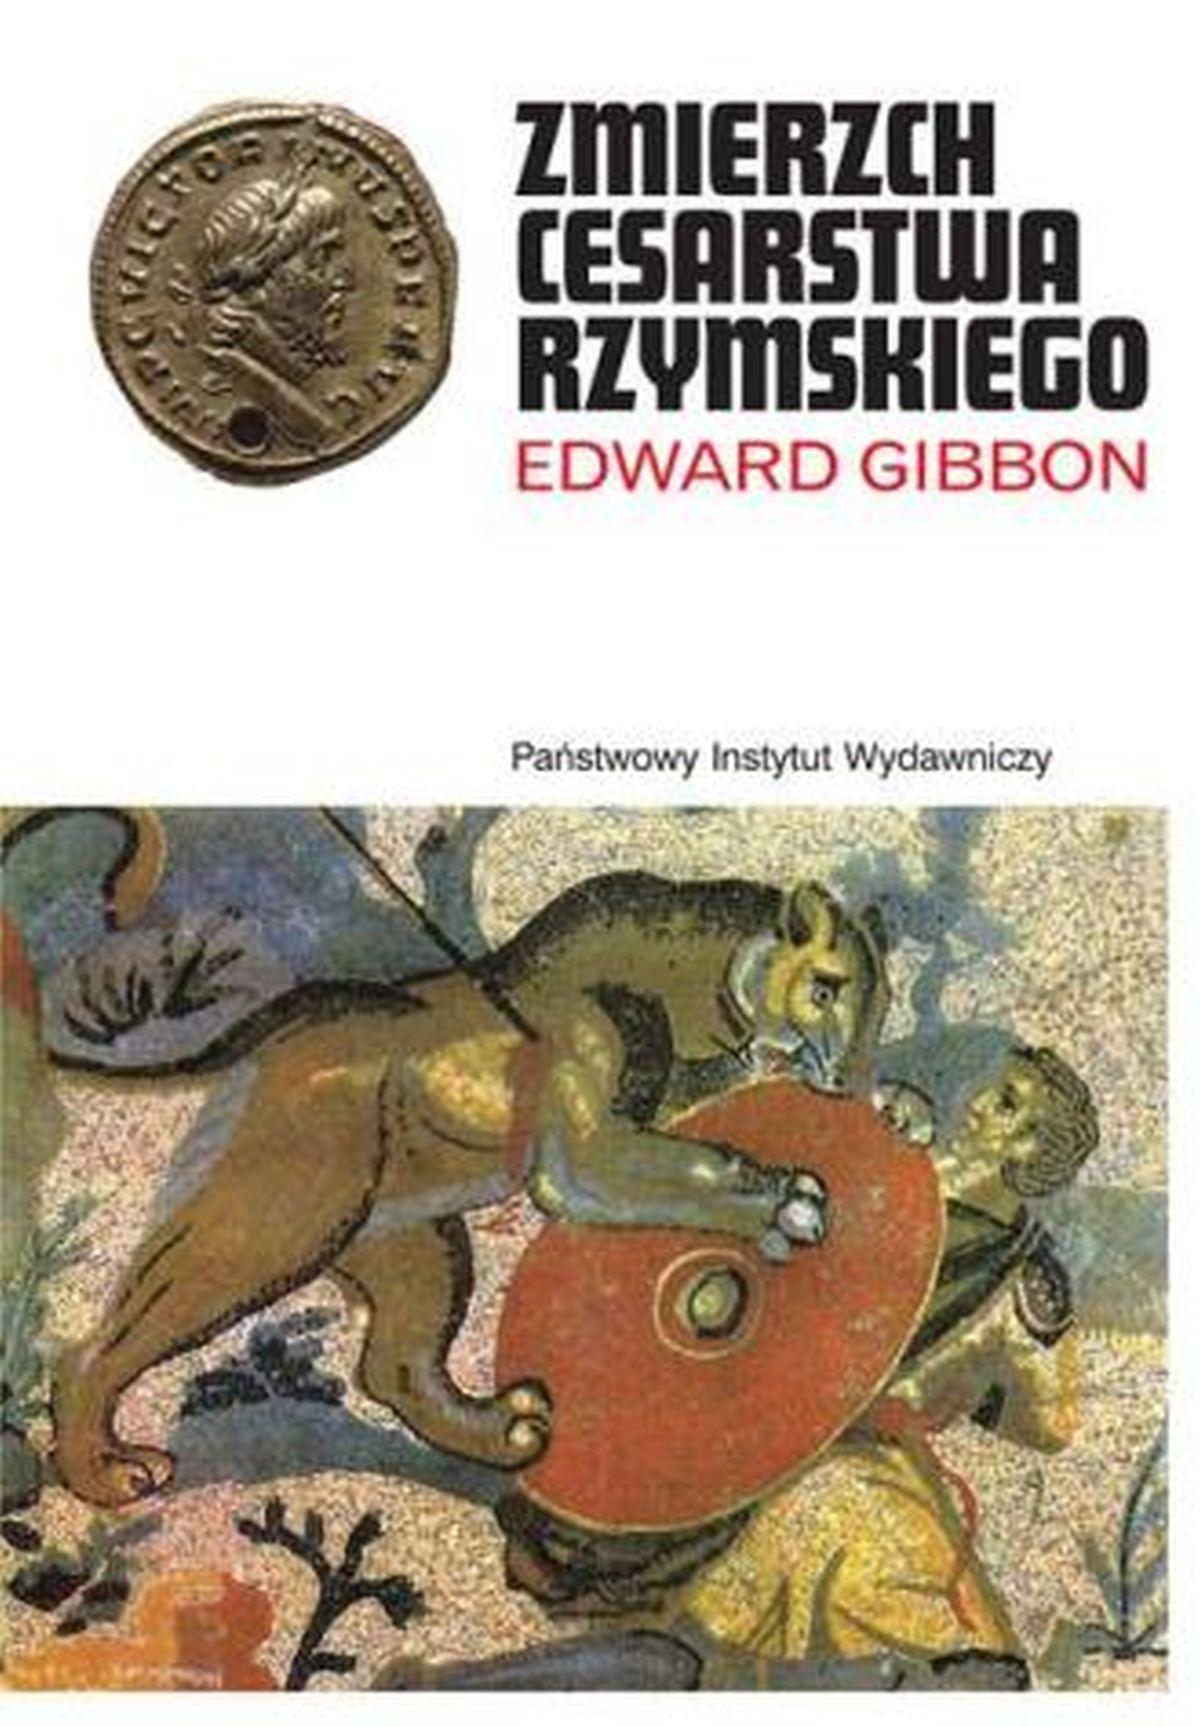 Edward Gibbon, Zmierzch Cesarstwa Rzymskiego. PAKIET